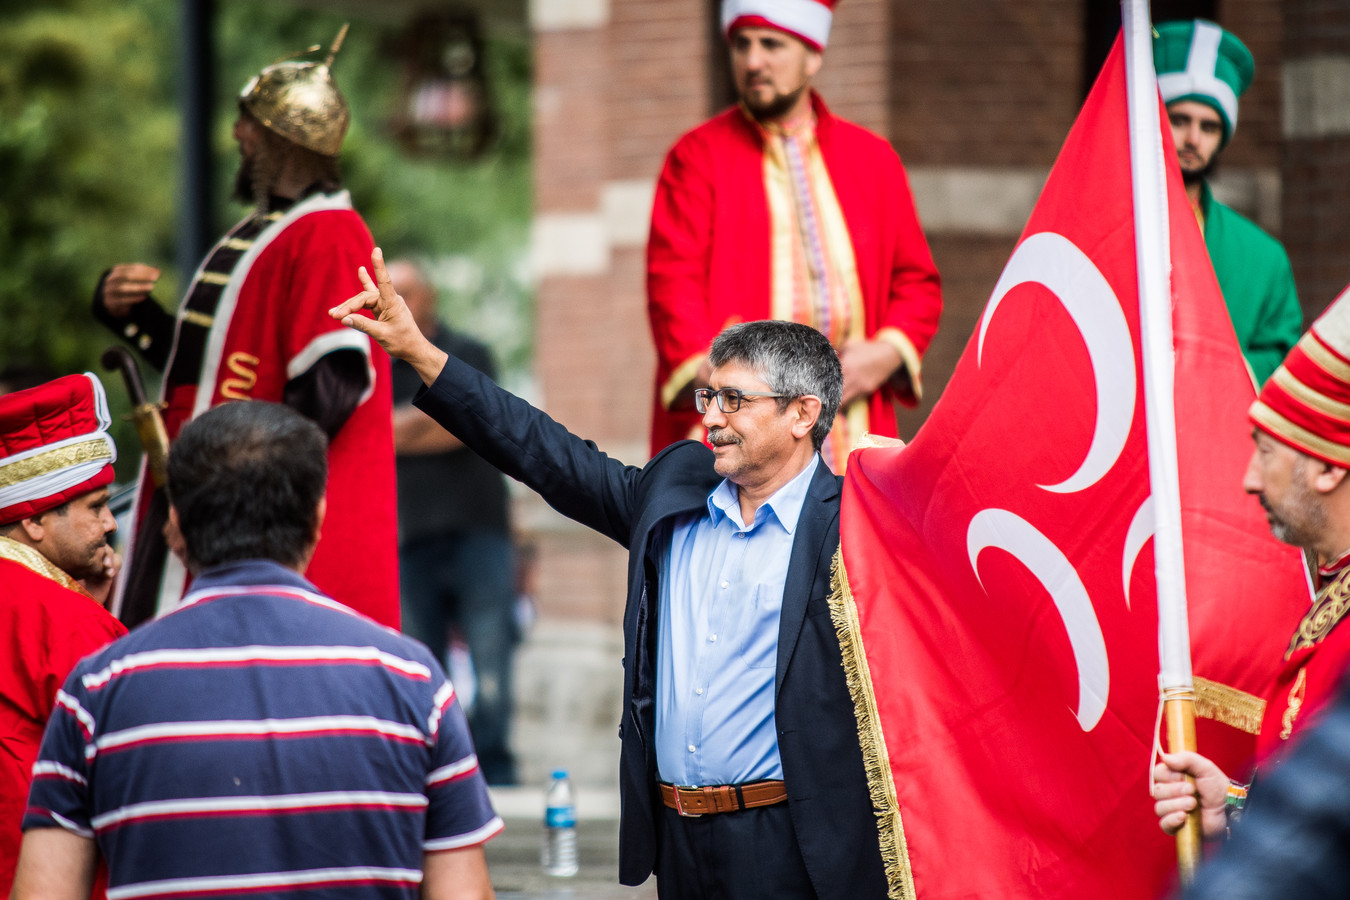 Beeld van de parade van het Turks Festival in Arnhem in 2018: een deelnemer maakt het wolvengebaar dat voor opschudding zorgt. De organisatie drukte iedereen op het hart om het gebaar niet meer te maken.